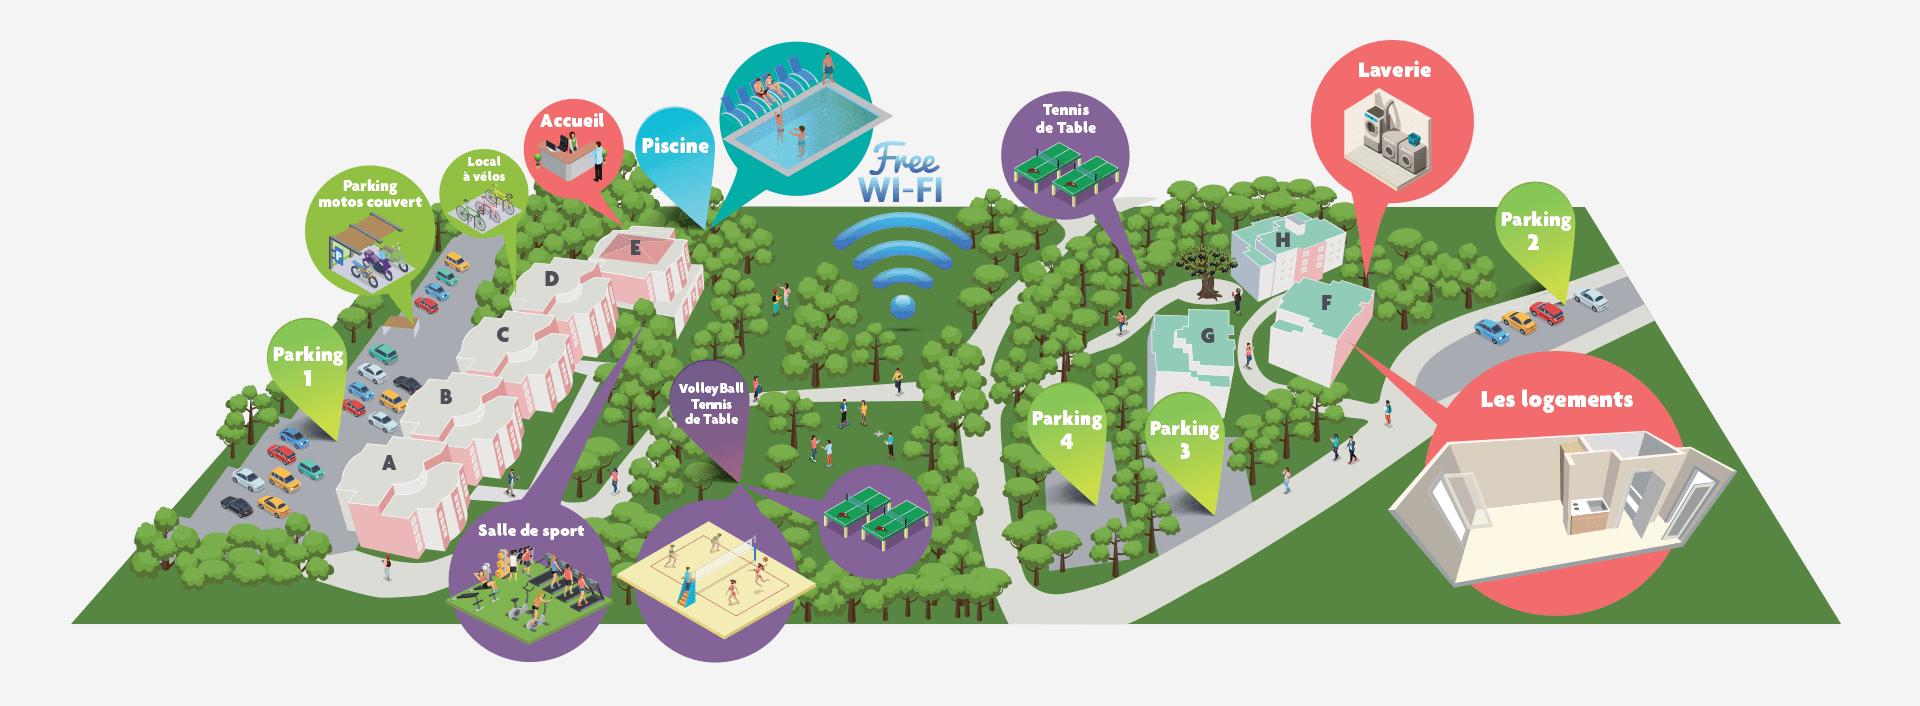 Campus de Bissy, plan des installations et services offerts dans le campus.